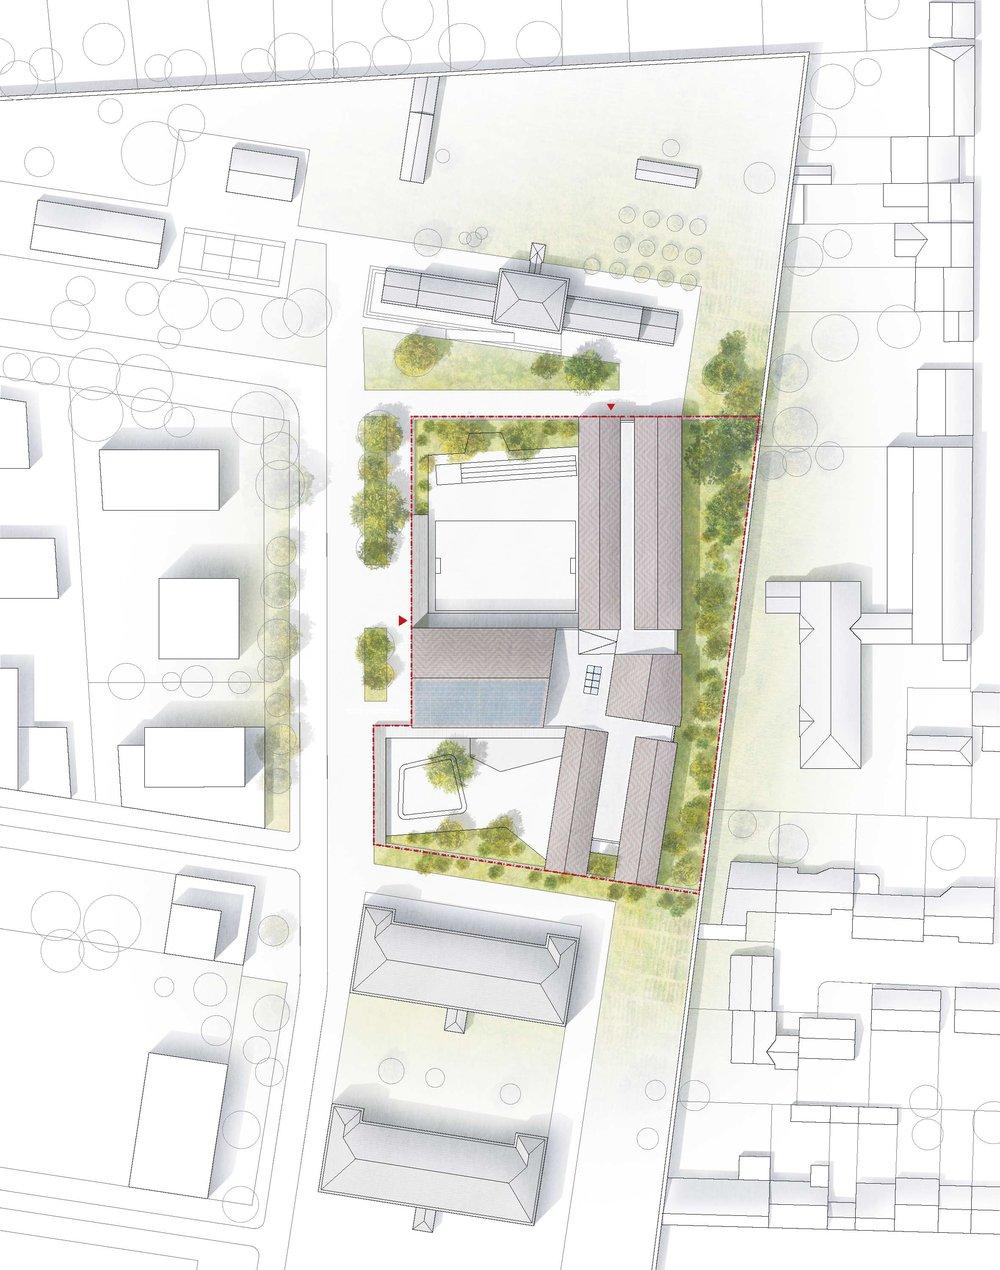 Nantes-Plan-masse.jpg